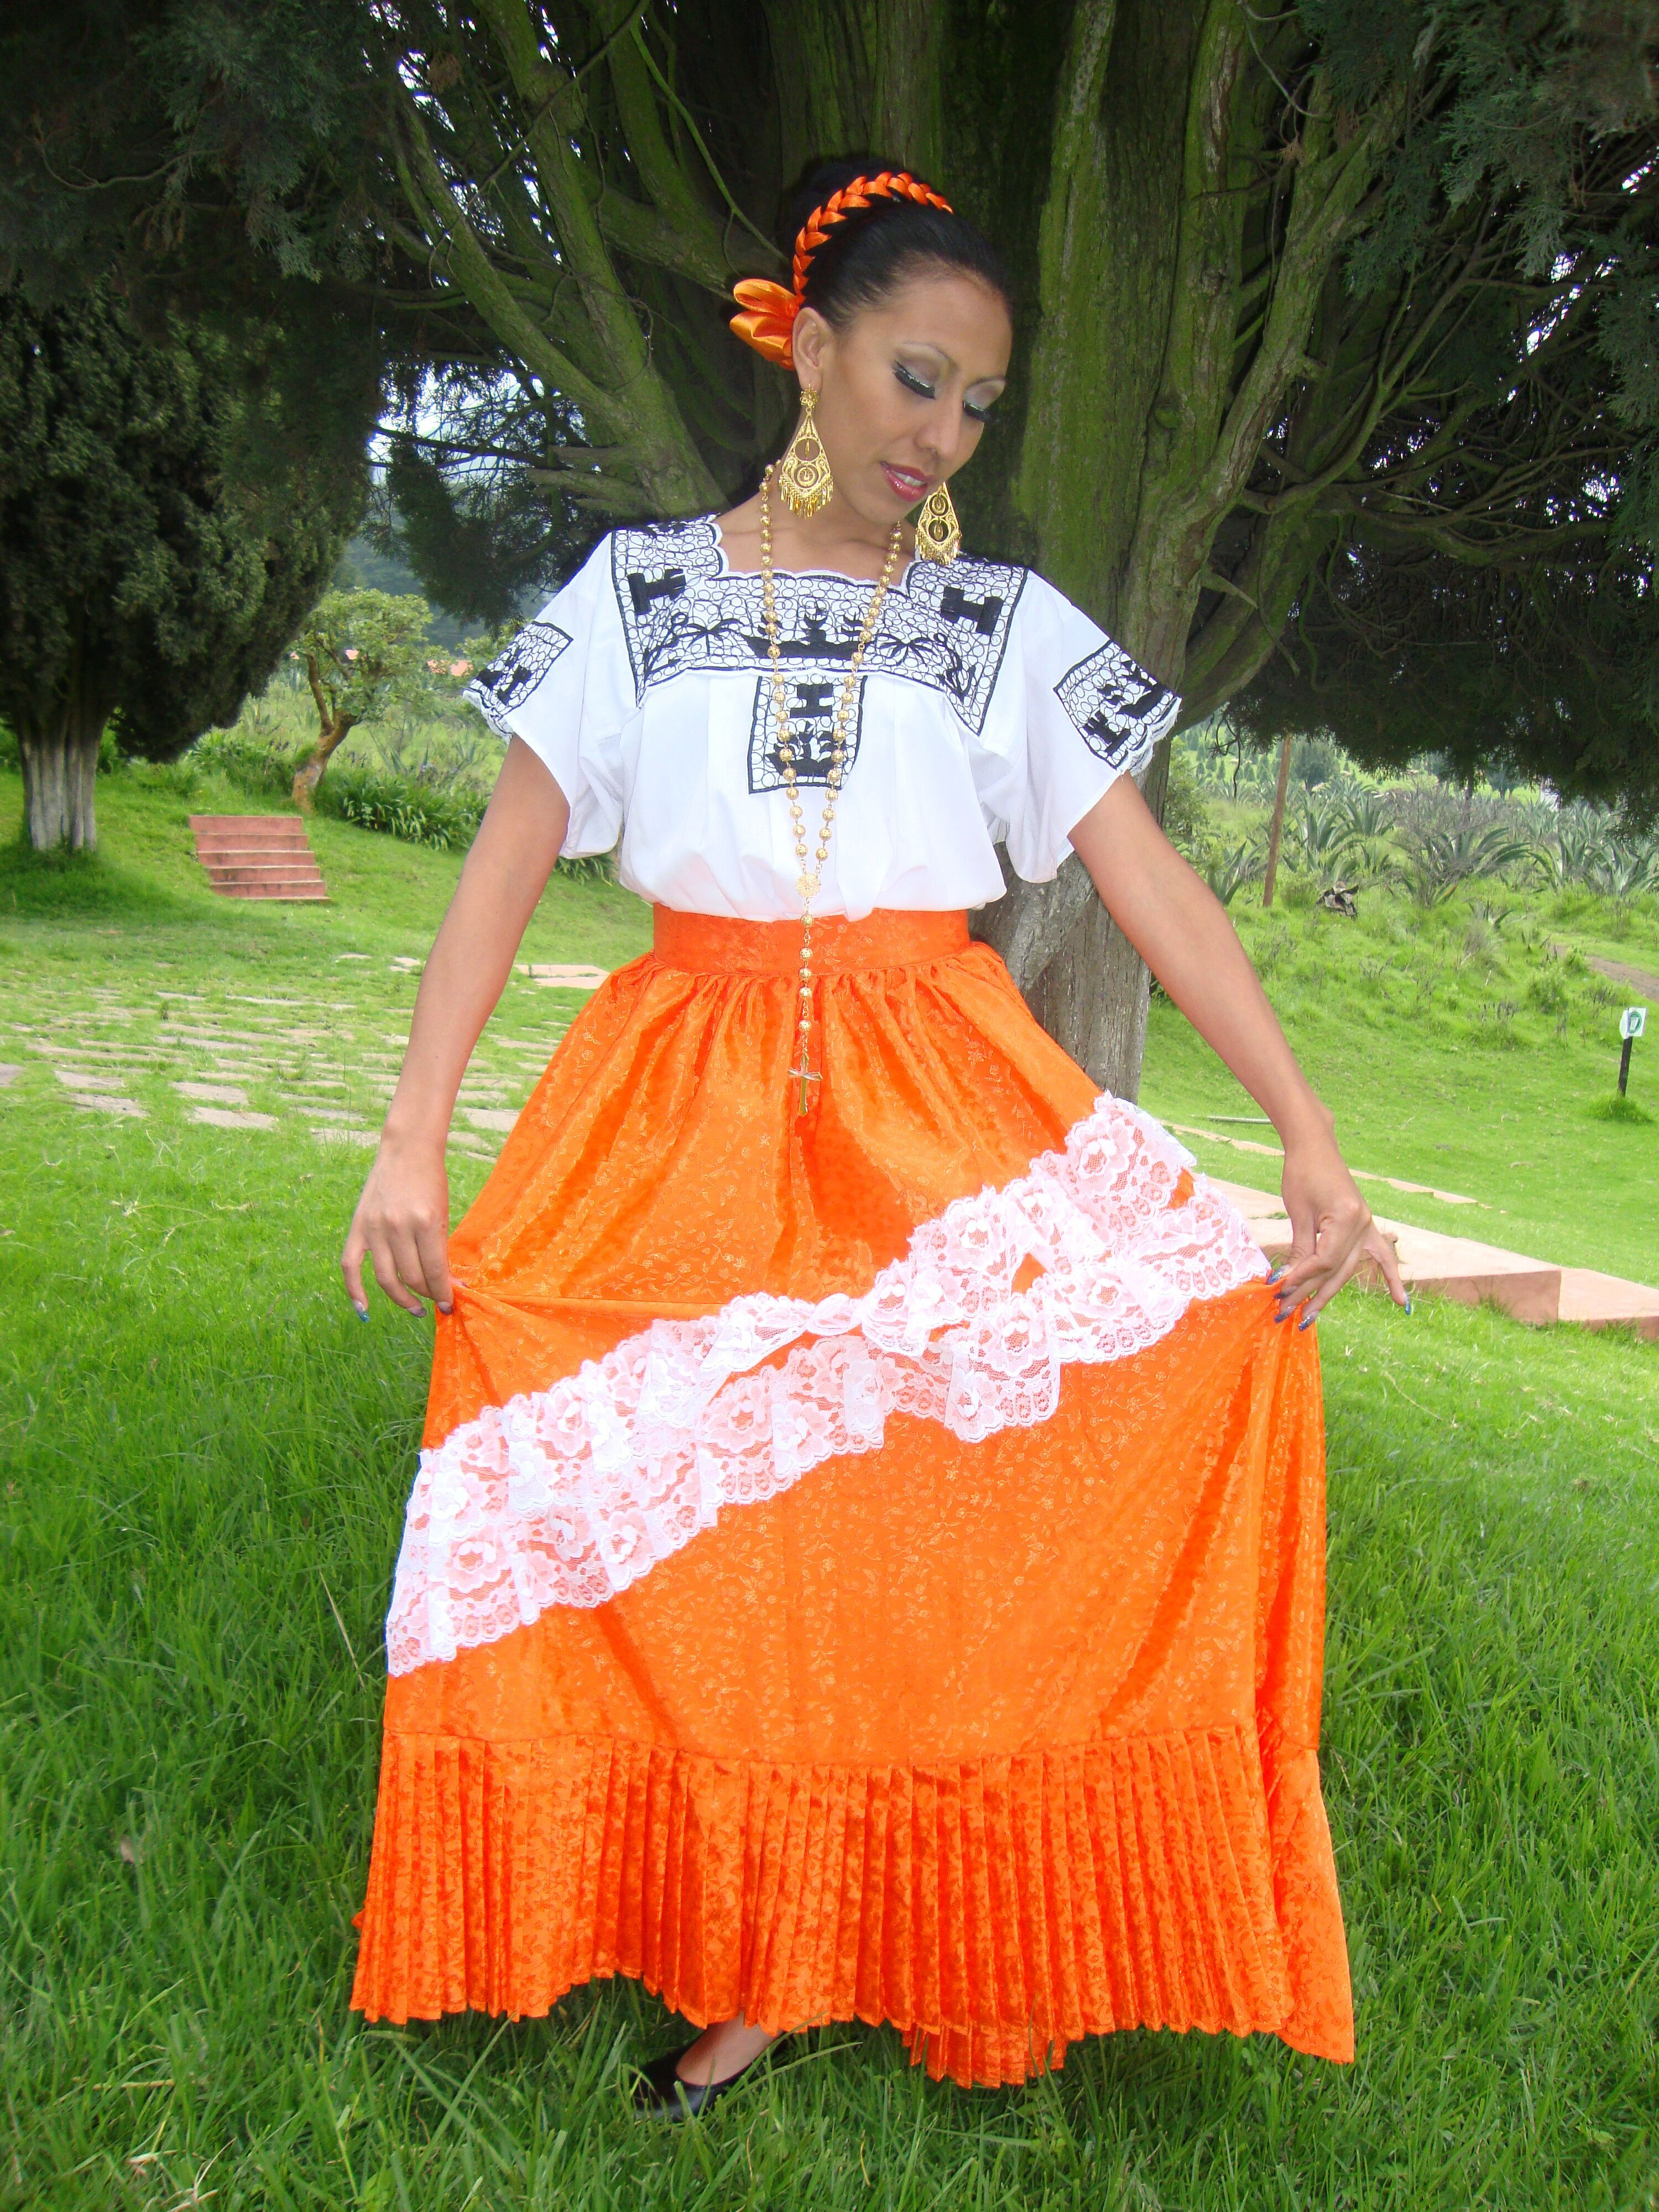 Vestidos Regionales Mexicanos Related Keywords Vestidos